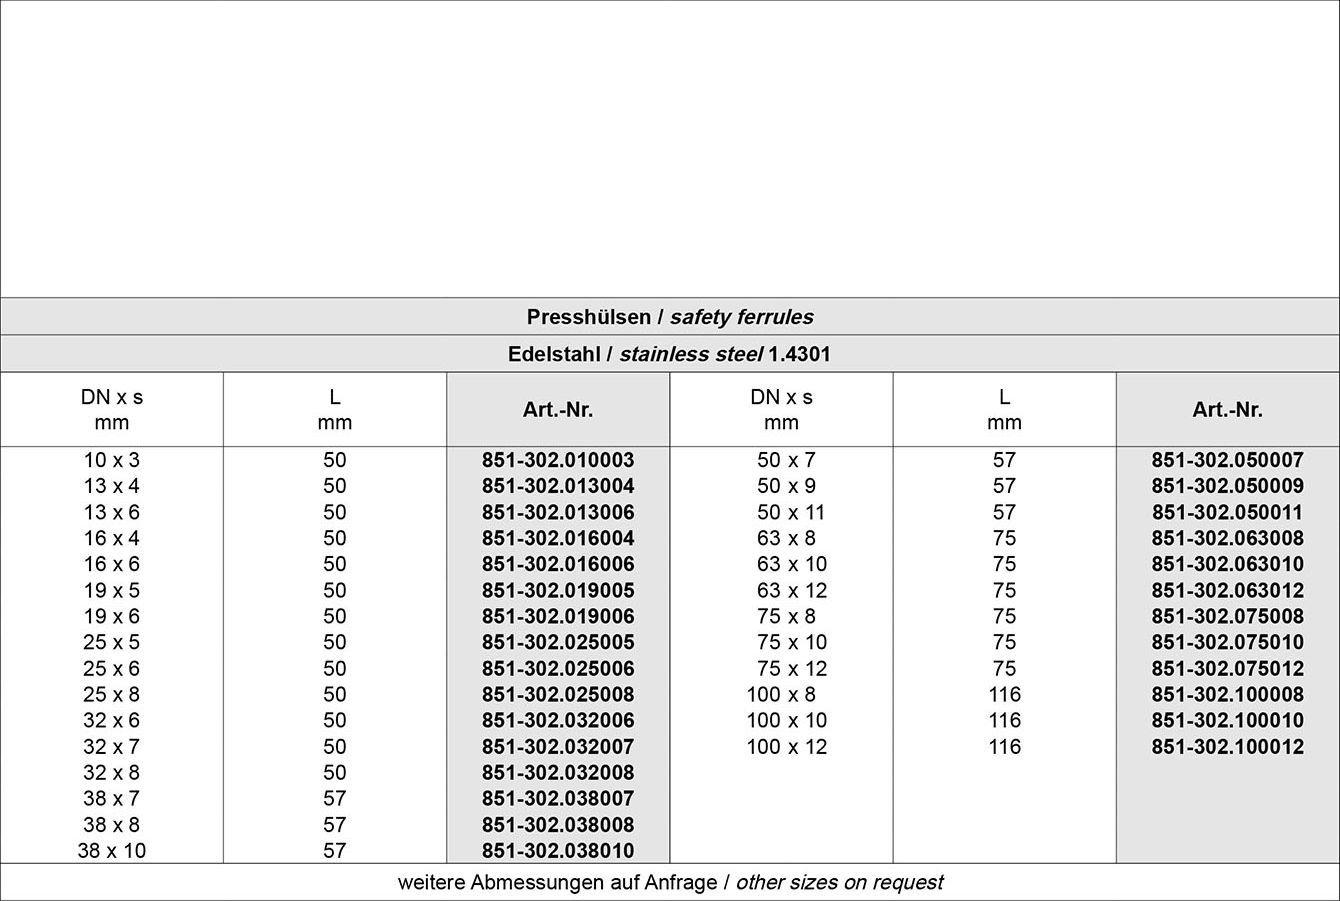 Tabelle DT Dichtungs-Technik GmbH, Dichtungstechnik, DT, Bremen, Schläuche, Armaturen, Dichtungen, Dichtringe, Profile, EN 14420-3, EN 14423, DIN 2817, DIN 2826, Einband, Presshülsen, Klemmschalen, Schlaucheinbindung, Schlauchstutzen, Verbindung, Kupplung, Schellen, Schalen, Klemm-Schalen, EN 14420-3, EN 14423, Klemm, wiederverwendbar, Preßhülsen